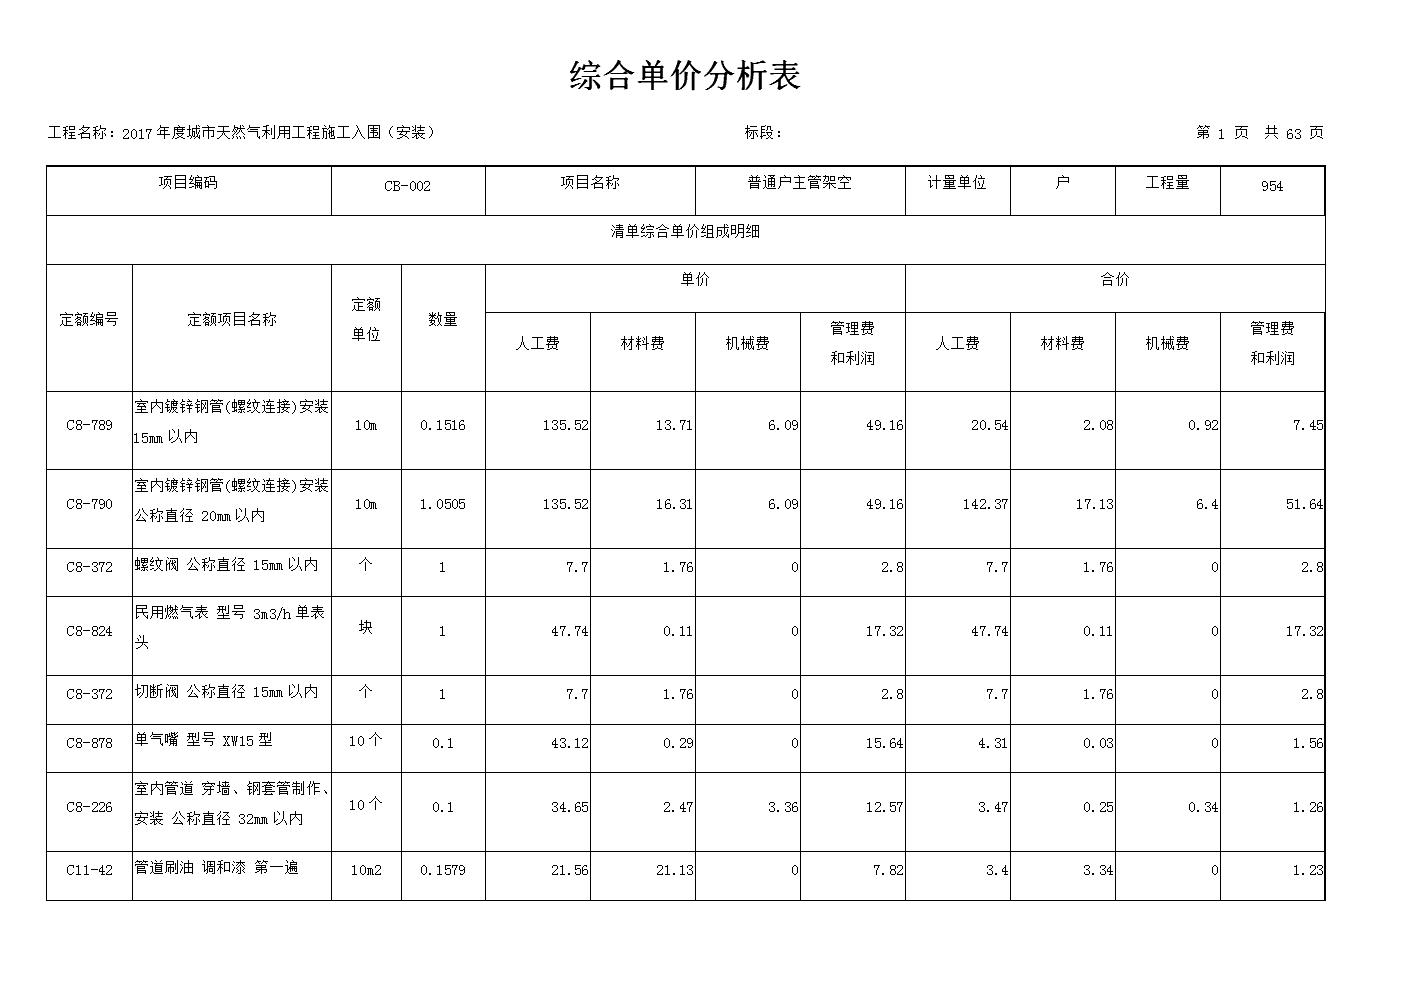 天然气管道 安装  清单价分析表0.xls.docx